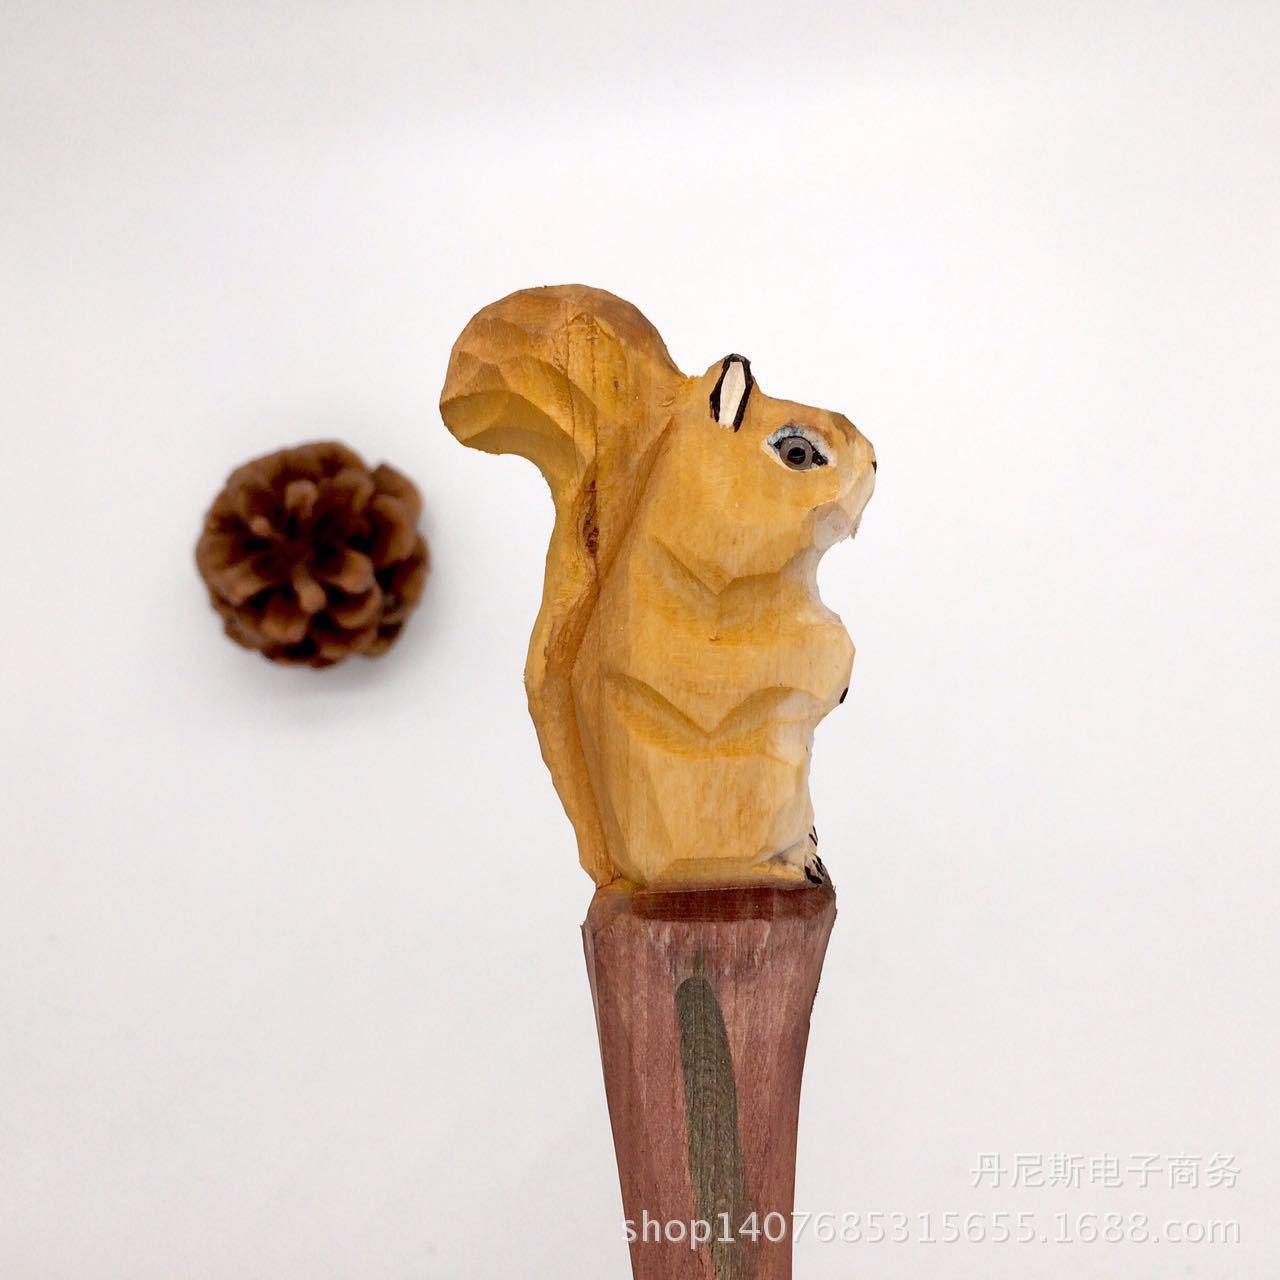 厂家直销纯手工木雕动物笔 创意木雕松鼠圆珠笔 可更换笔芯中性笔